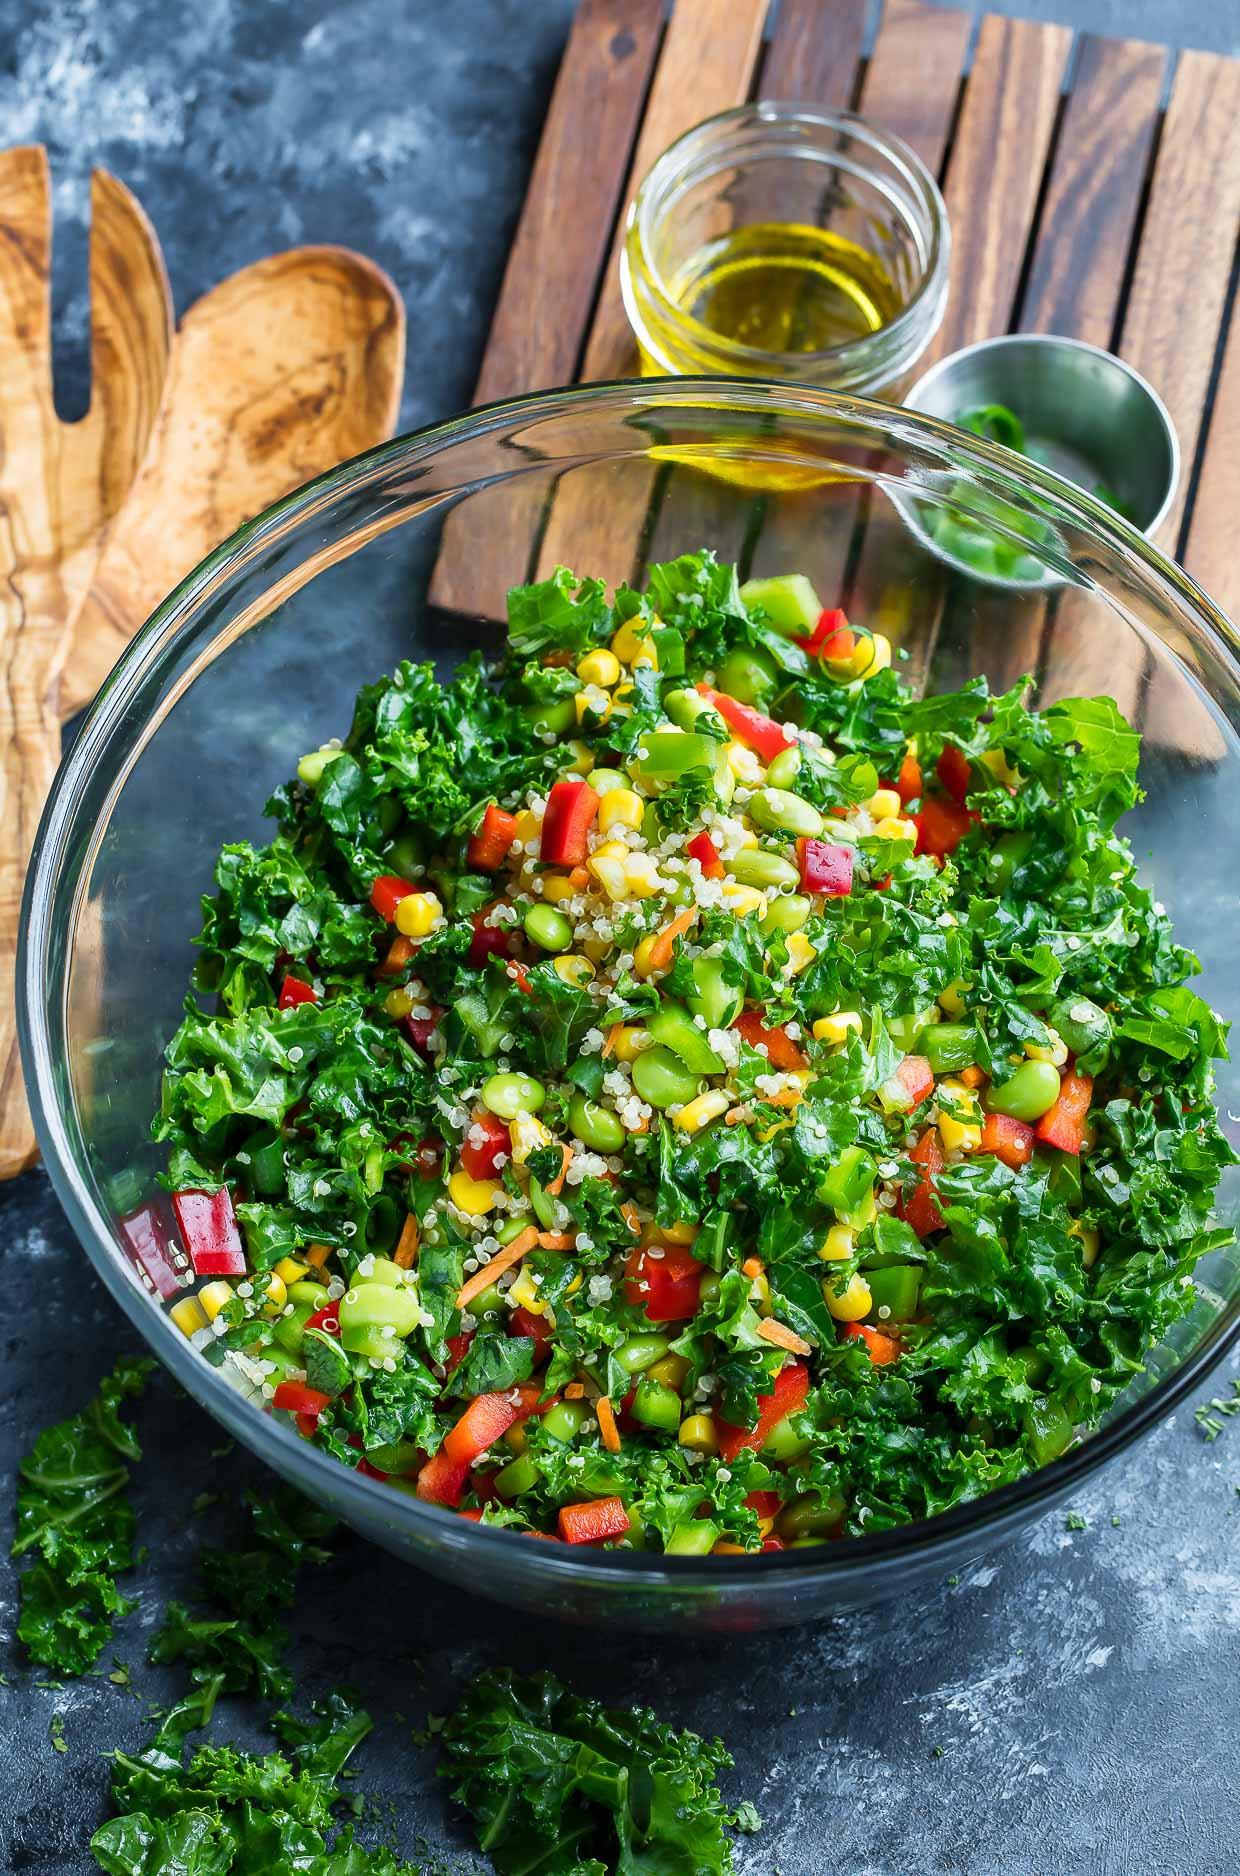 Quinoa Salad Dressing  Healthy Quinoa Salad with Light Homemade Dressing Recipe